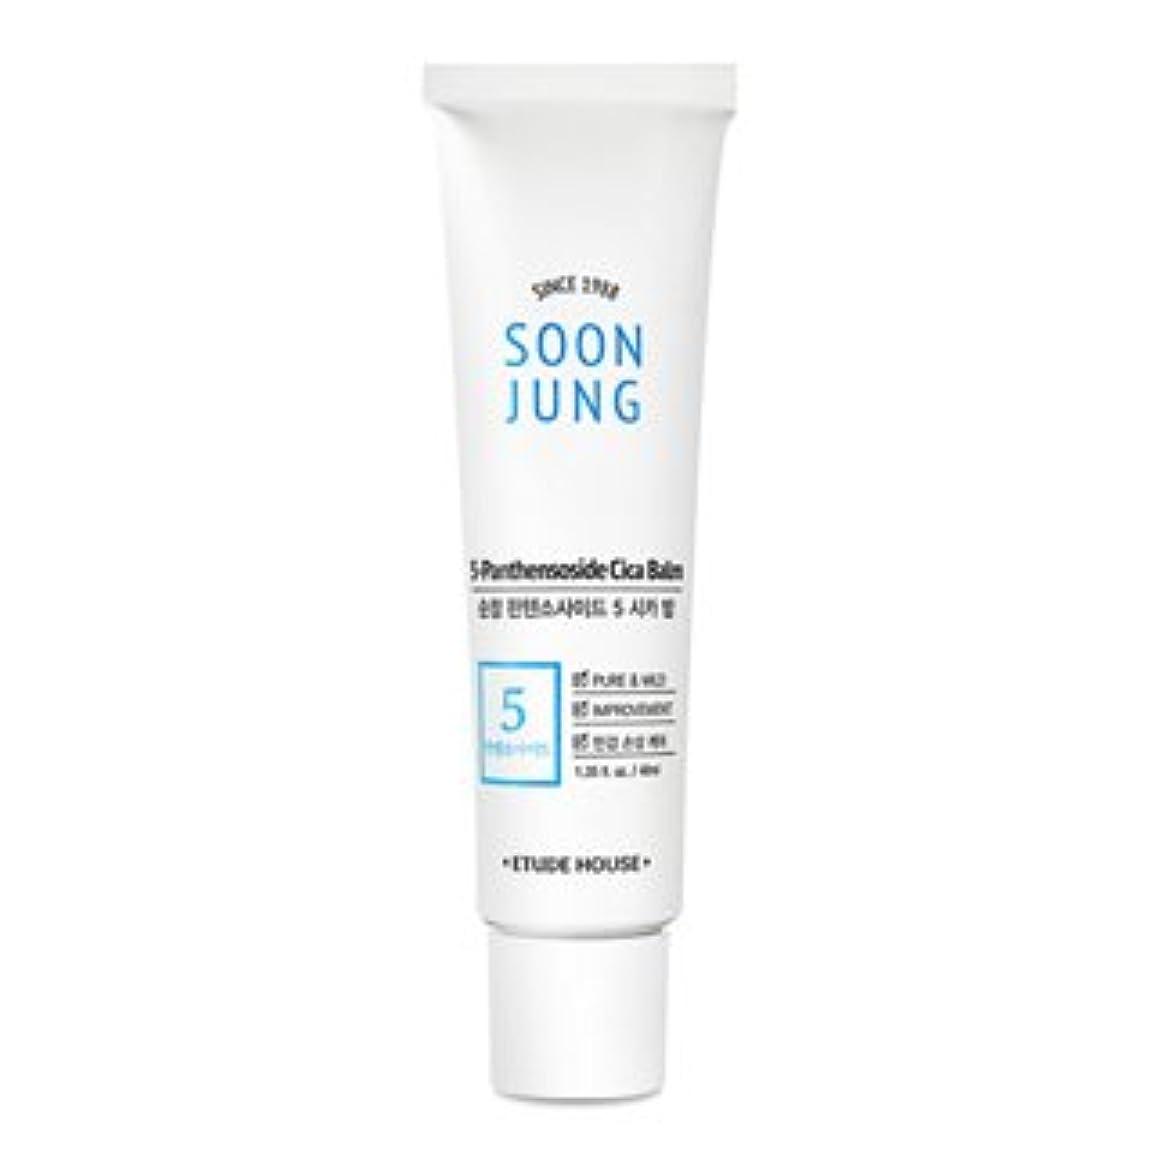 到着モート欲望[New] ETUDE HOUSE Soon Jung 5-Panthensoside Cica Balm/エチュードハウス スンジョン 5-パンテンソシド シカ バーム (40ml) [並行輸入品]